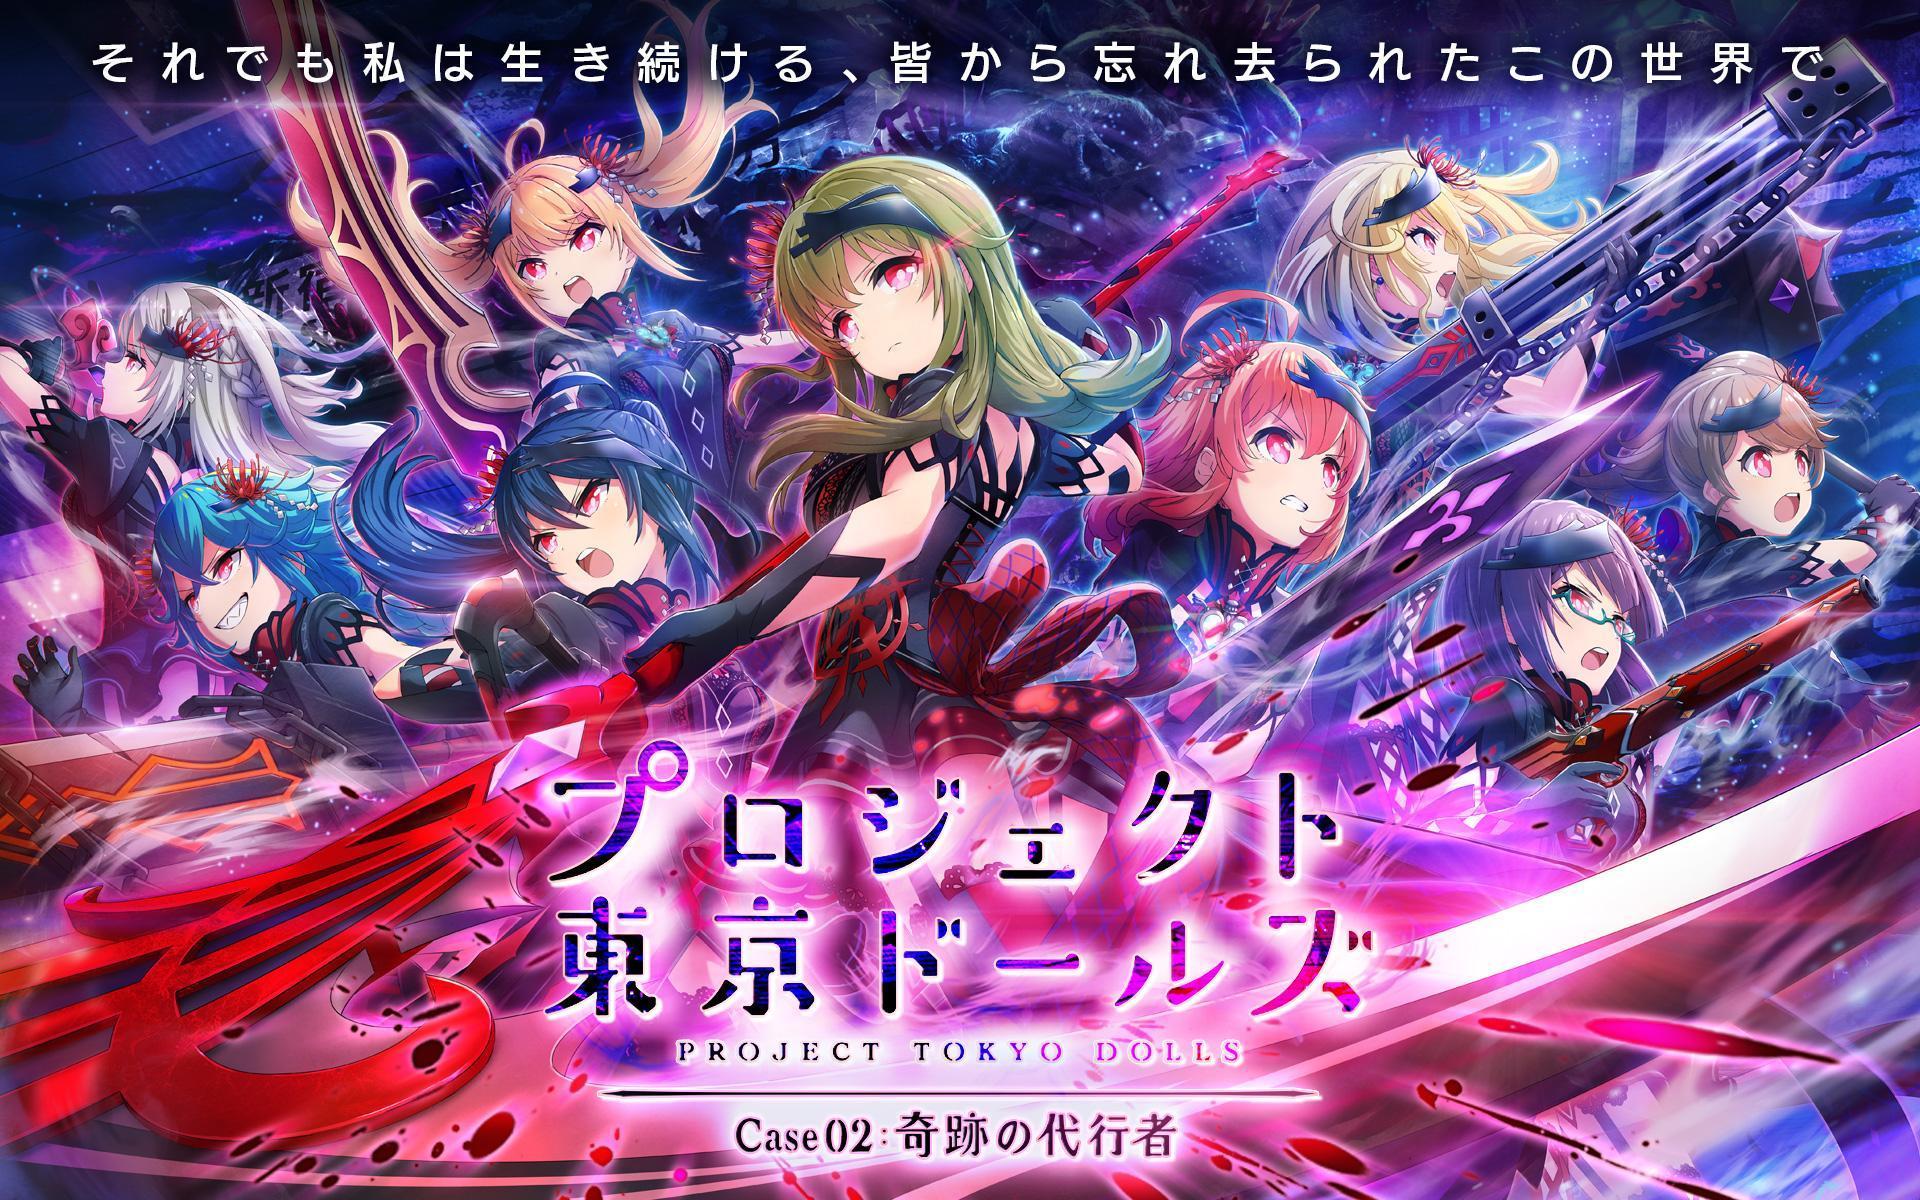 プロジェクト東京ドールズ :美少女タップアクションRPG 4.1.0 Screenshot 1